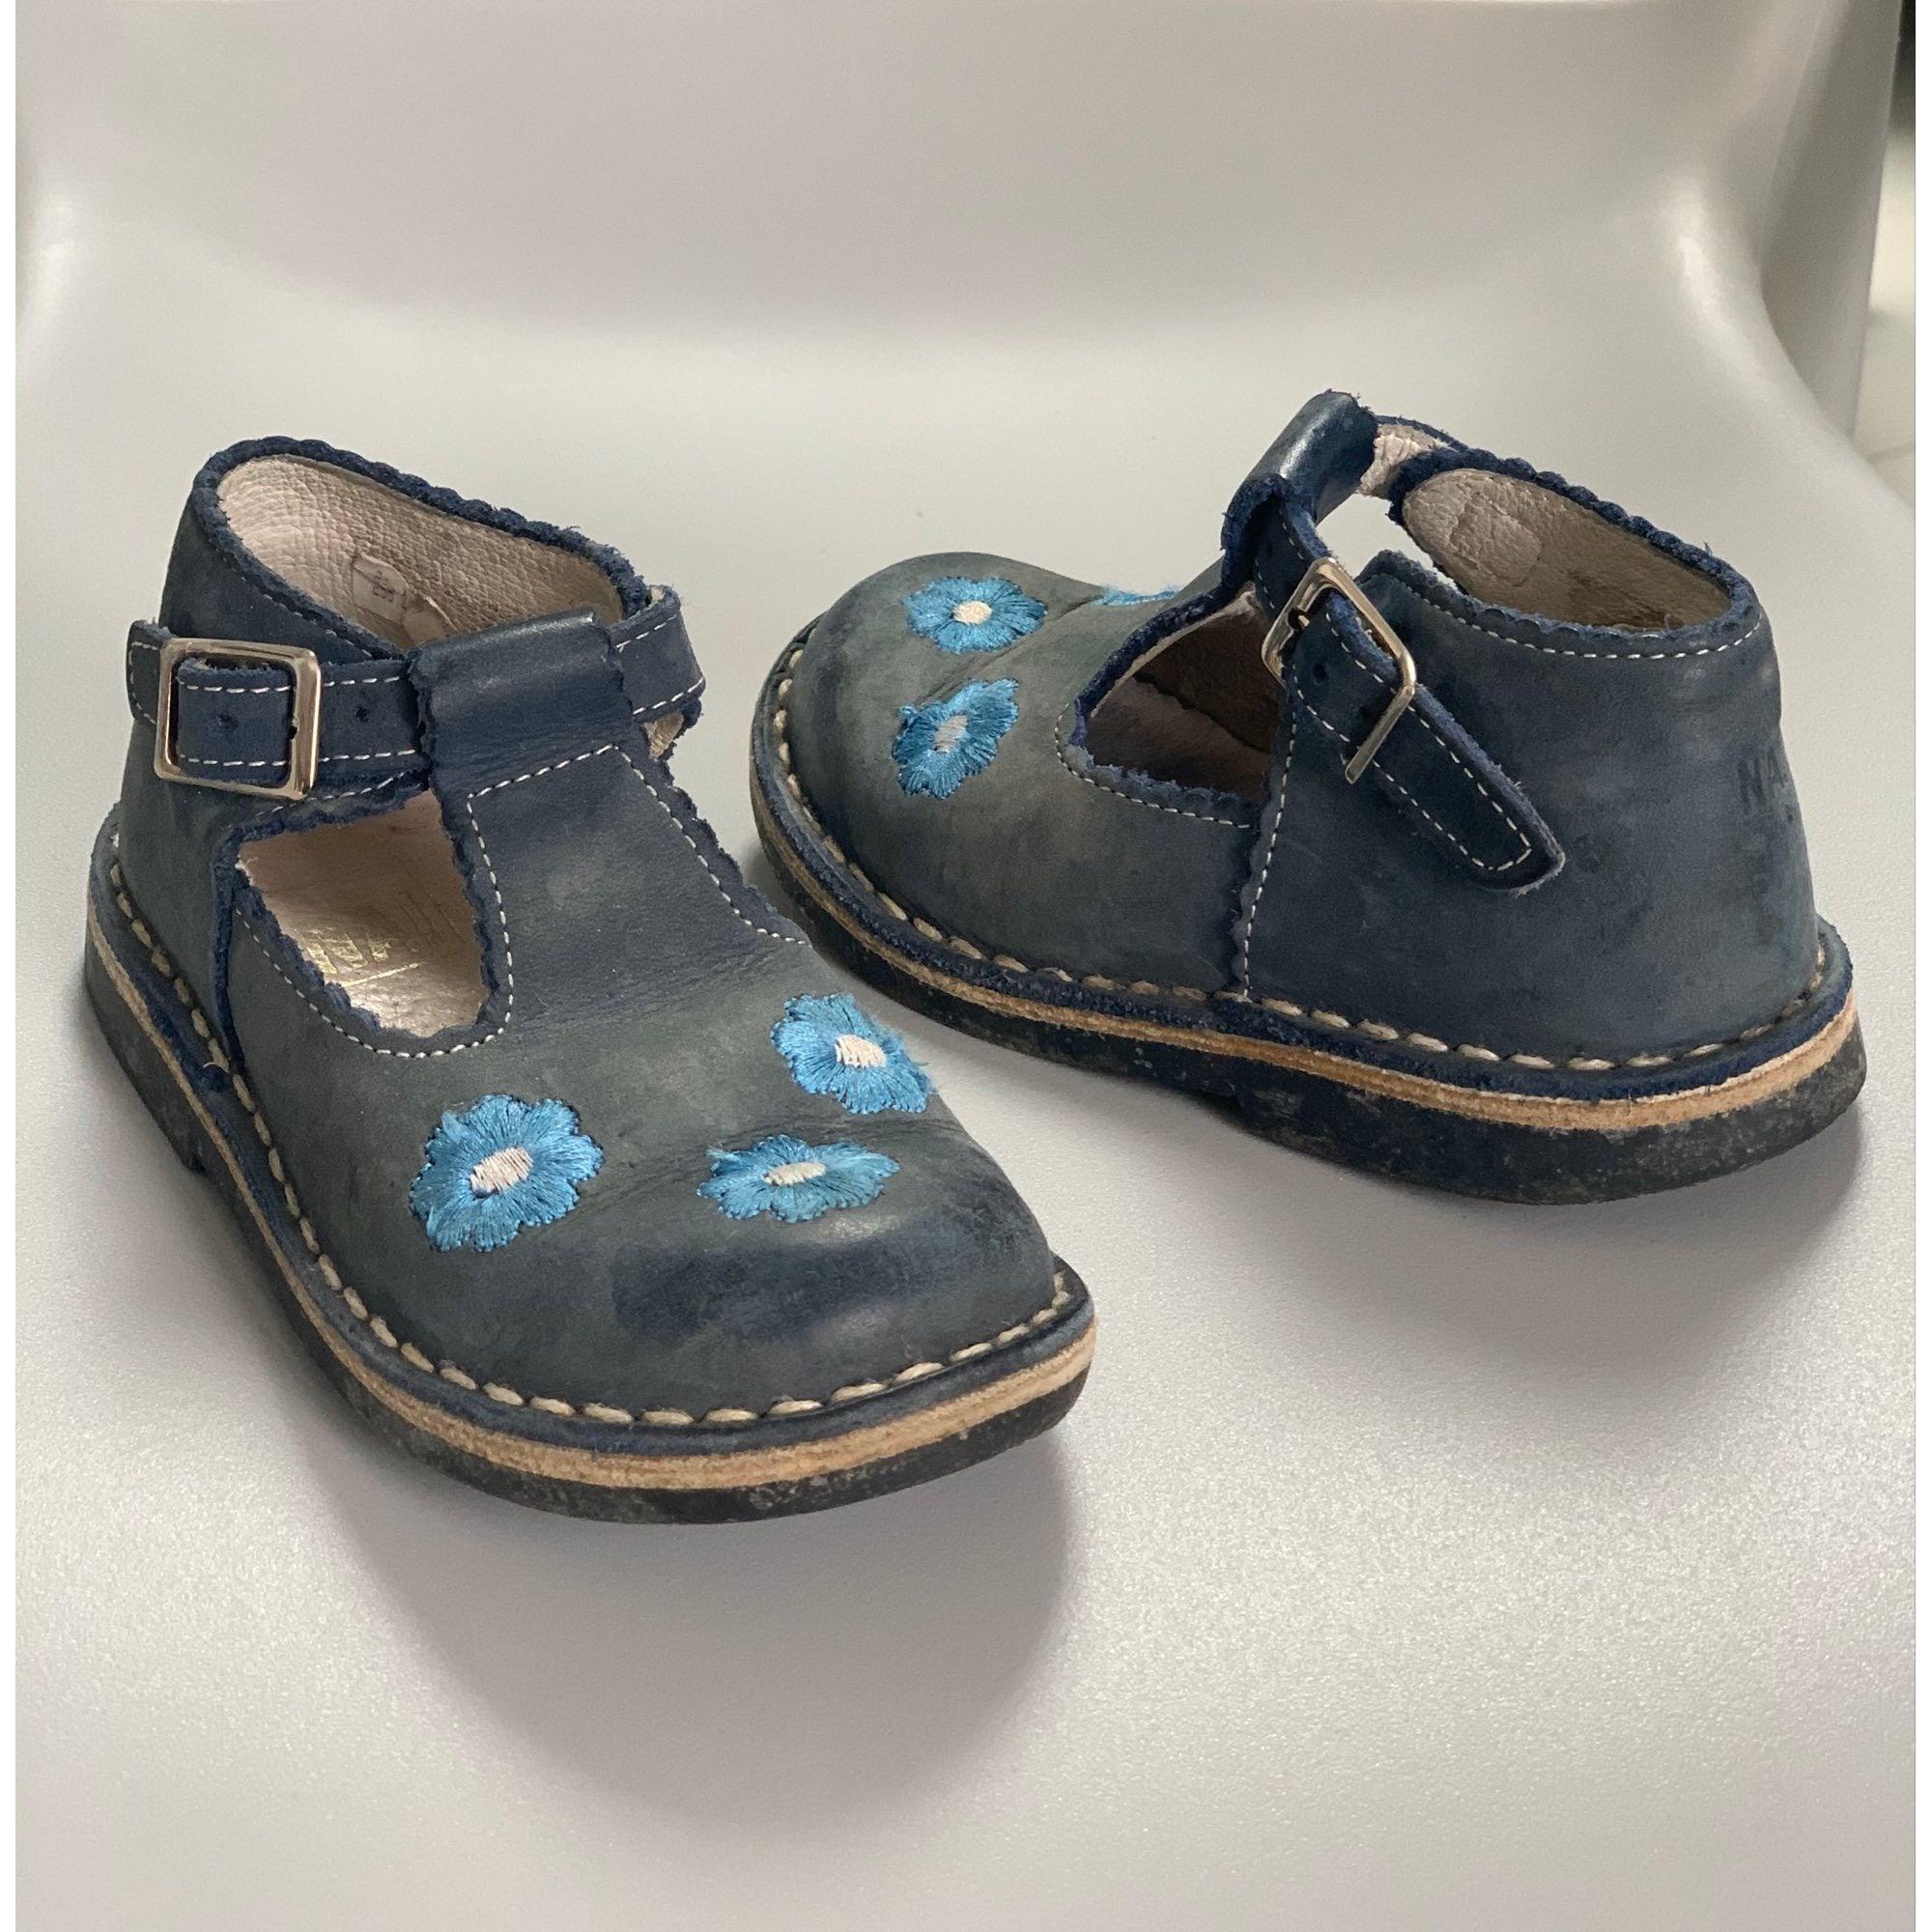 Buckle Shoes NAF NAF Blue, navy, turquoise